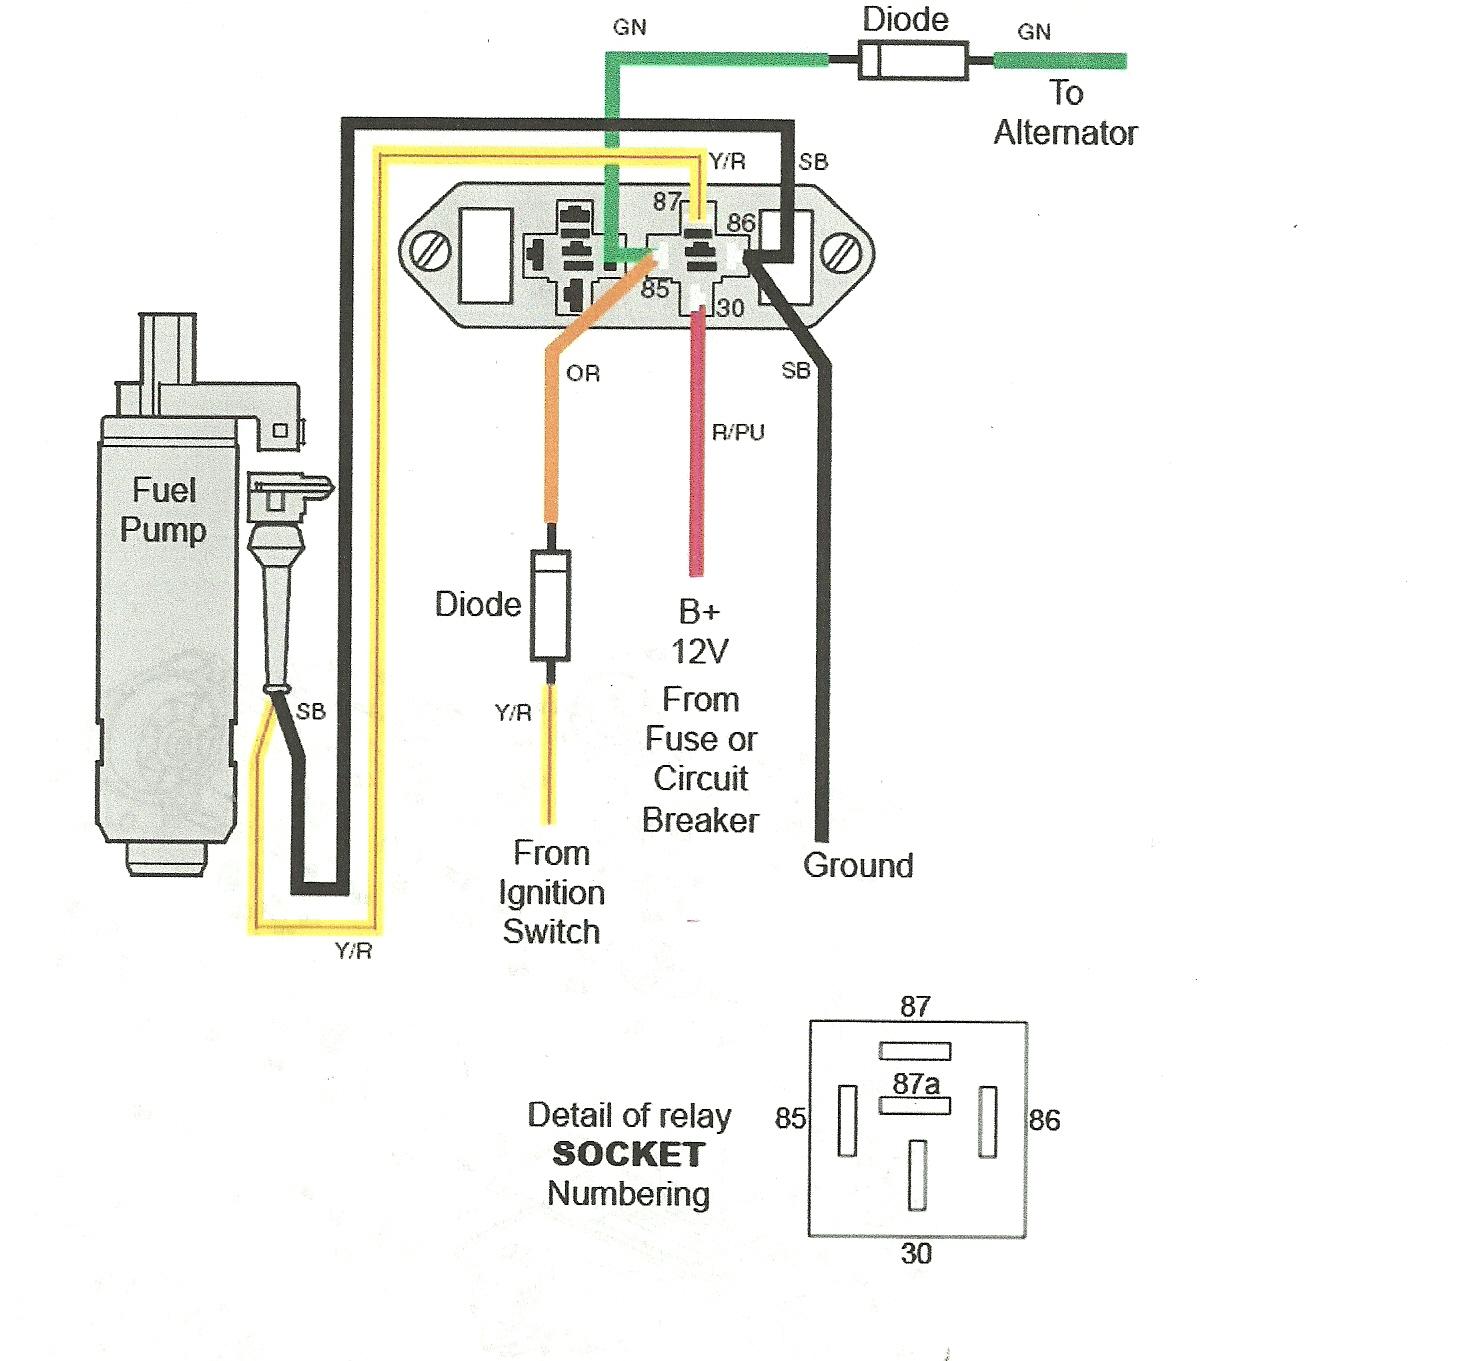 89bff6a8-80b9-4cc0-aff5-205af22611b9_Volvo fuel pump circuit 96.jpg